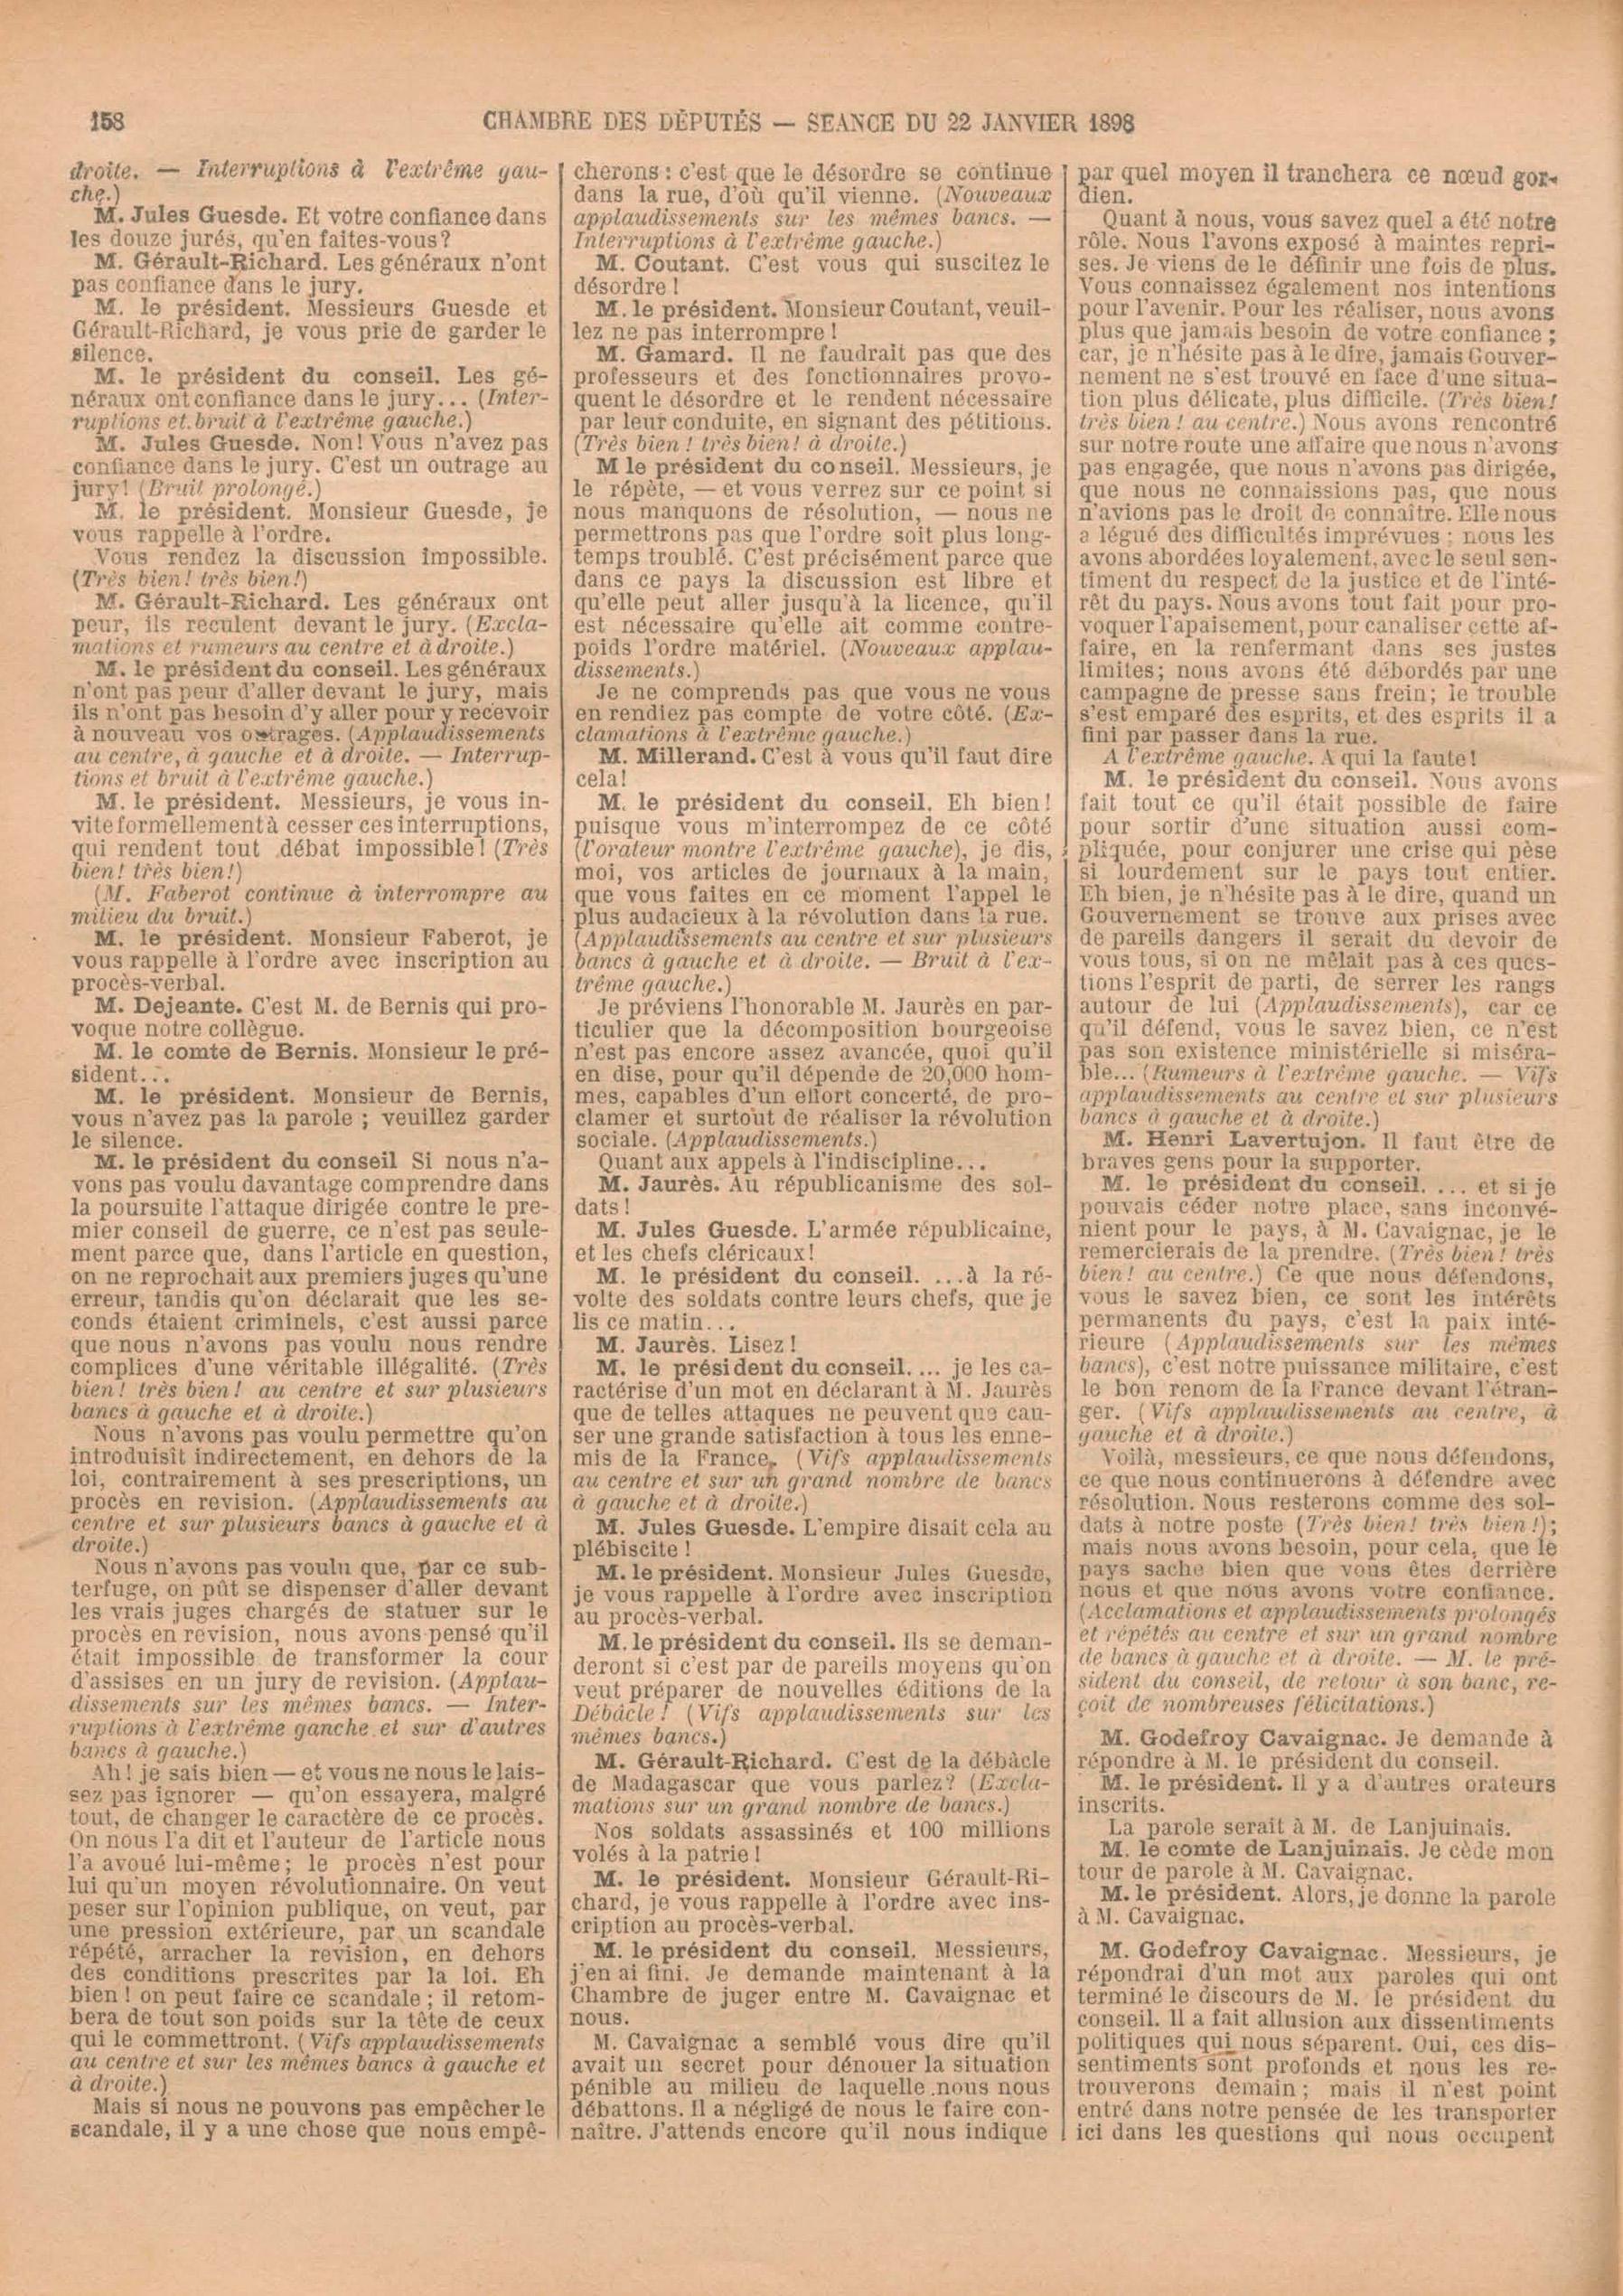 http://expo-paulviollet.univ-paris1.fr/wp-content/uploads/2017/09/Journal_officiel_de_la_République_séance-du-samedi-22-janvier-1898_Page_4.jpg